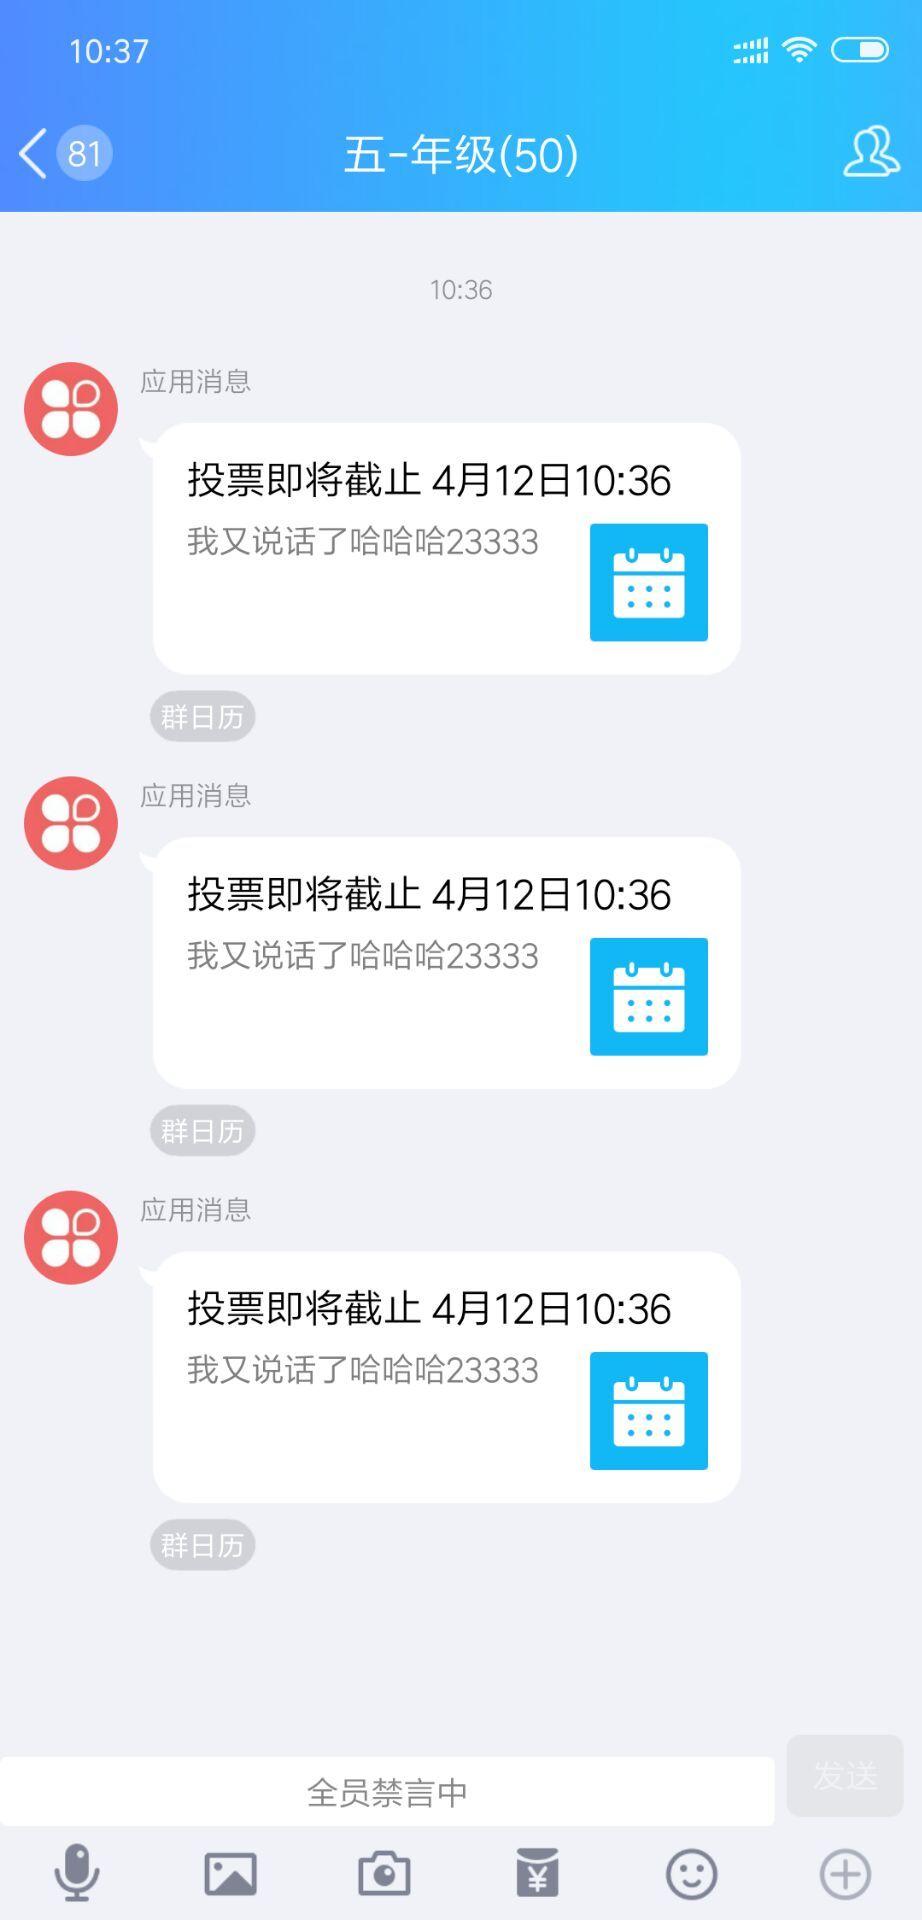 PC+安卓QQ群禁言利用投票 禁言也能说话